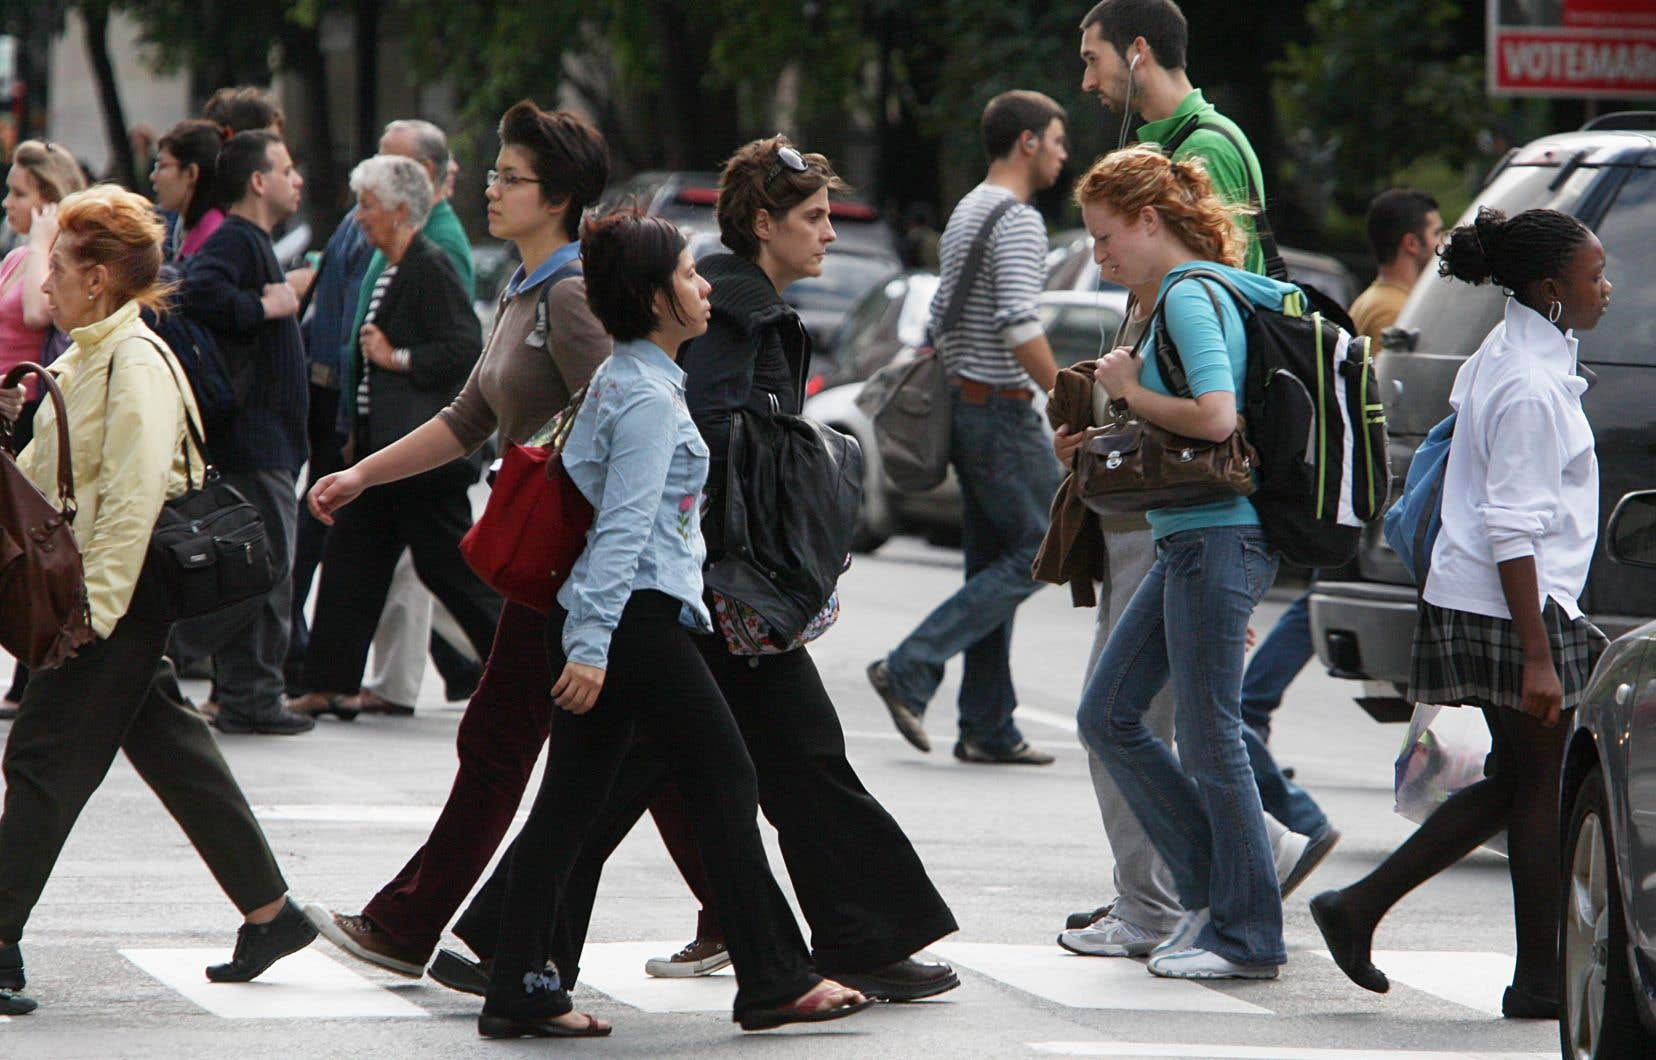 L'Observatoire québécois des inégalités veut informer et documenter le phénomène des inégalités et veut contribuer ainsi à les diminuer.